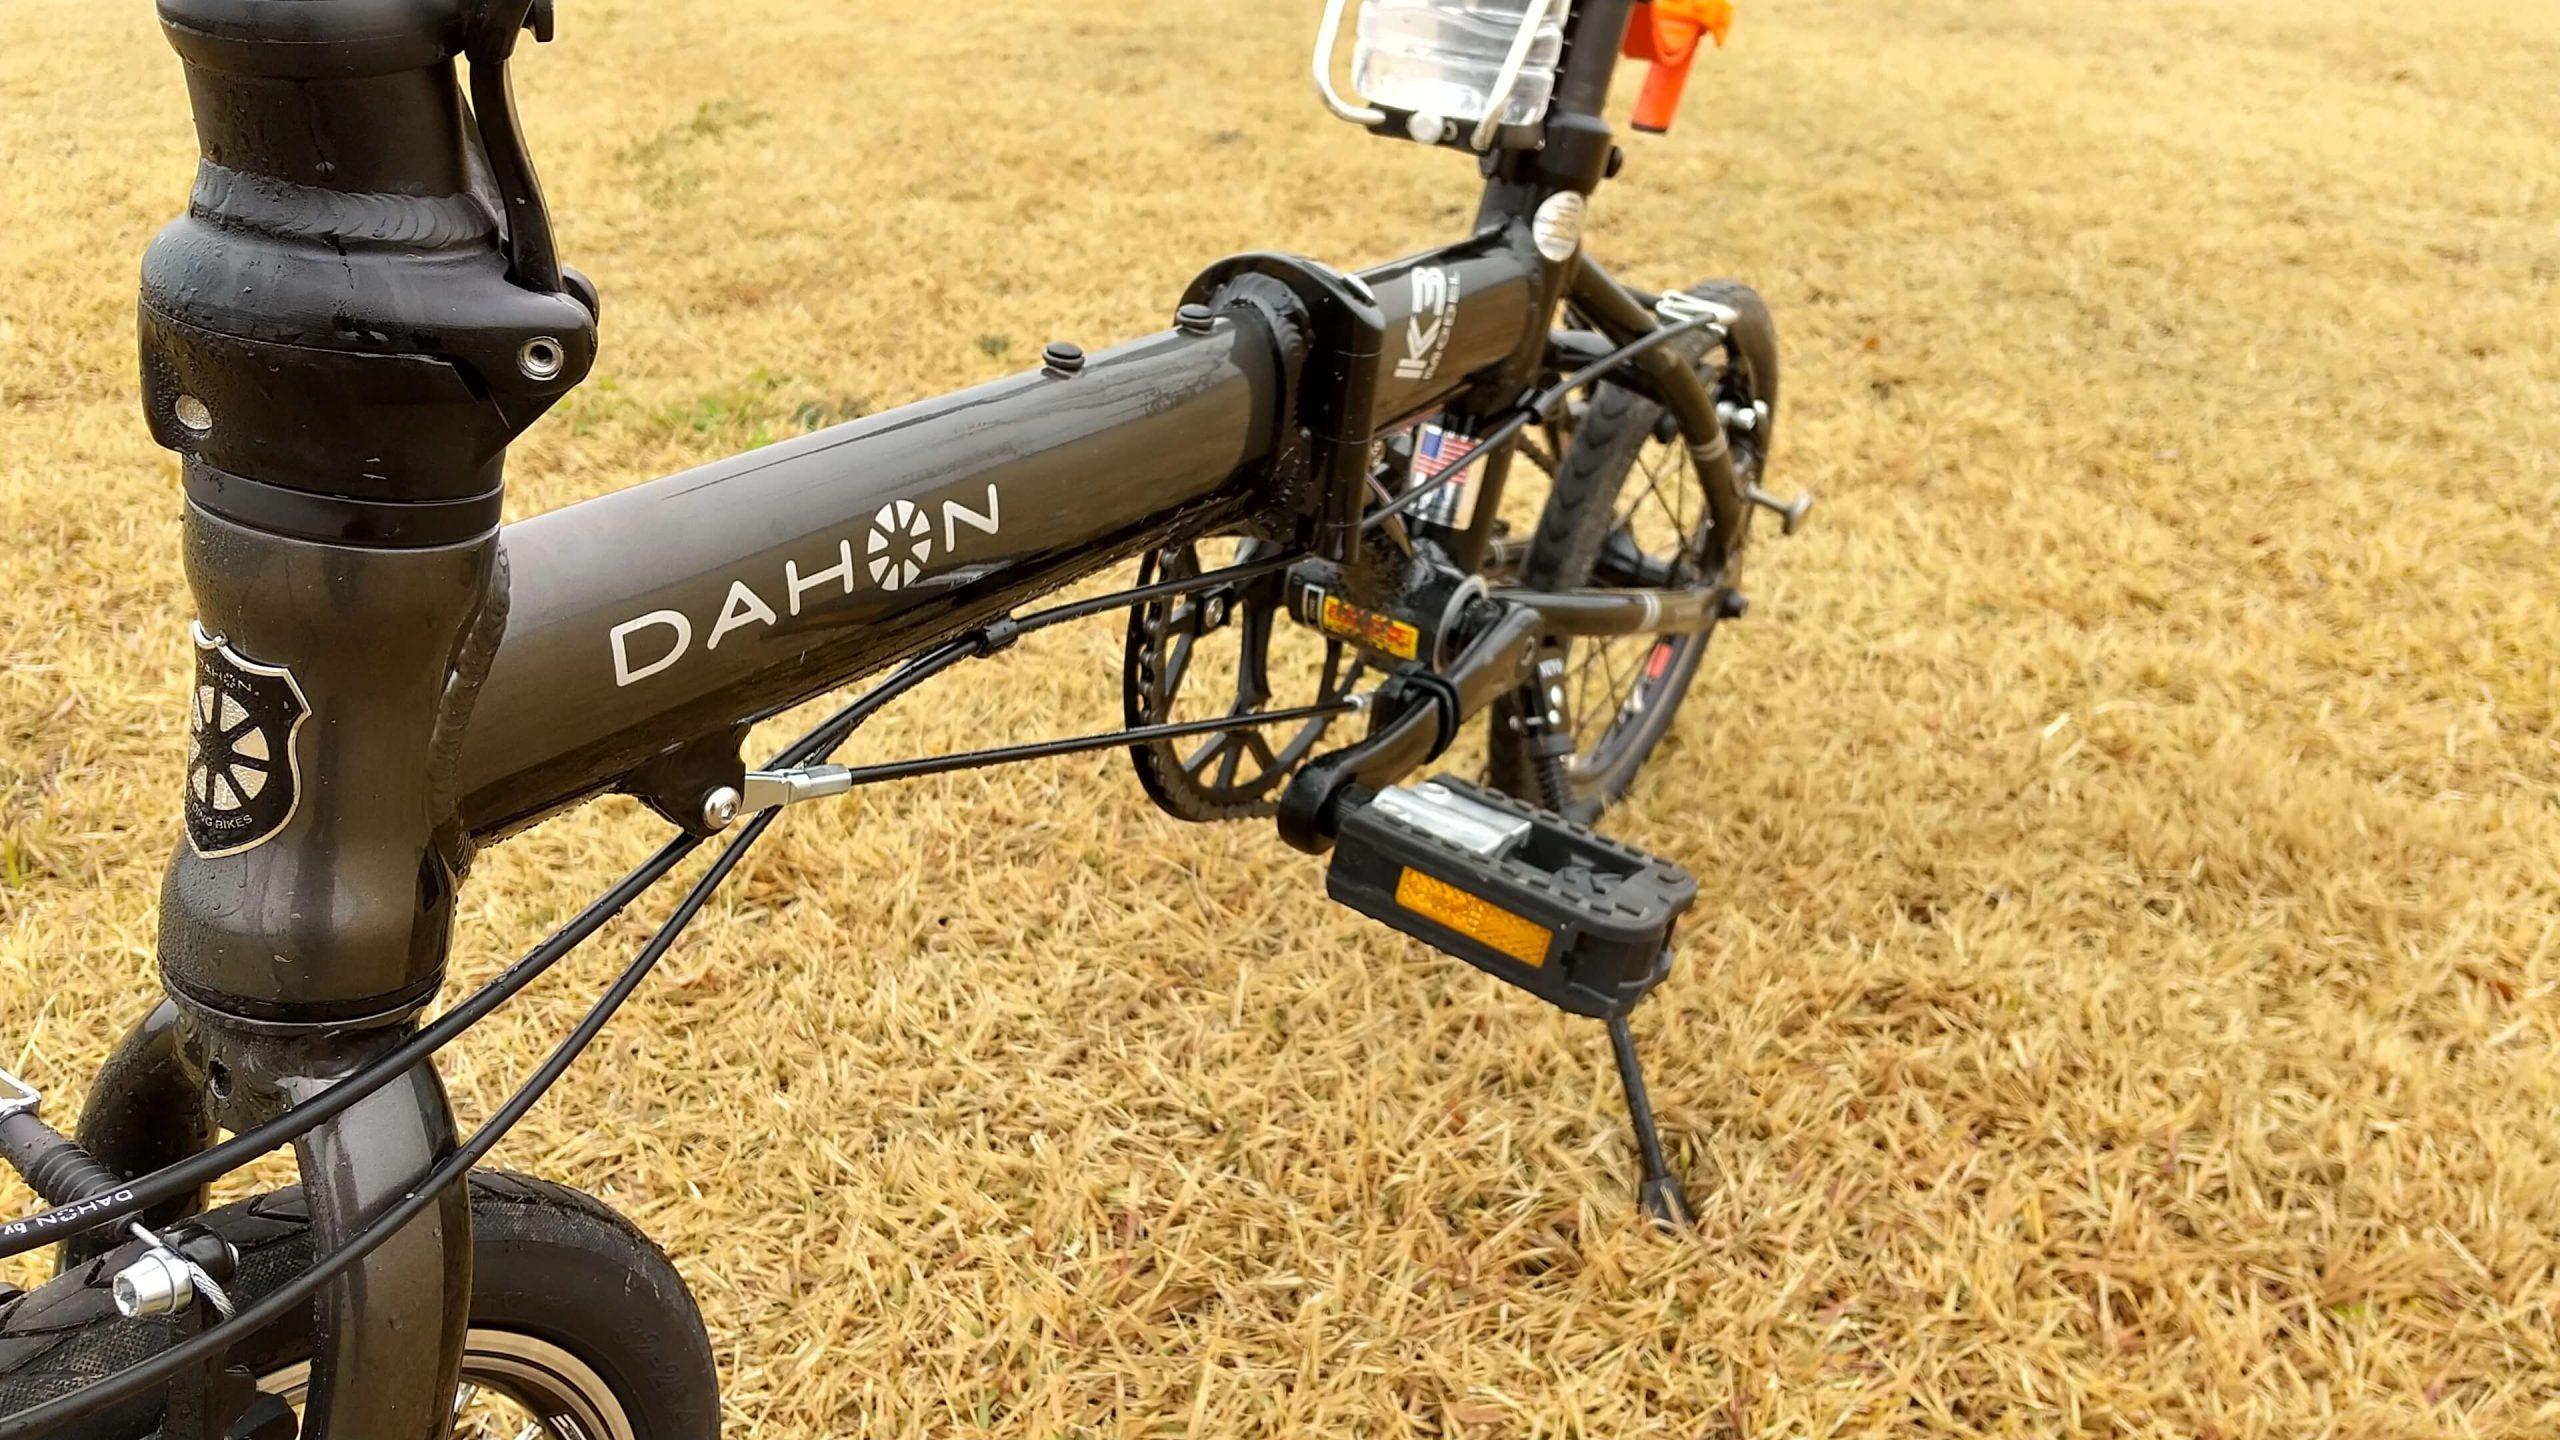 dahon k3を広角カメラで撮影